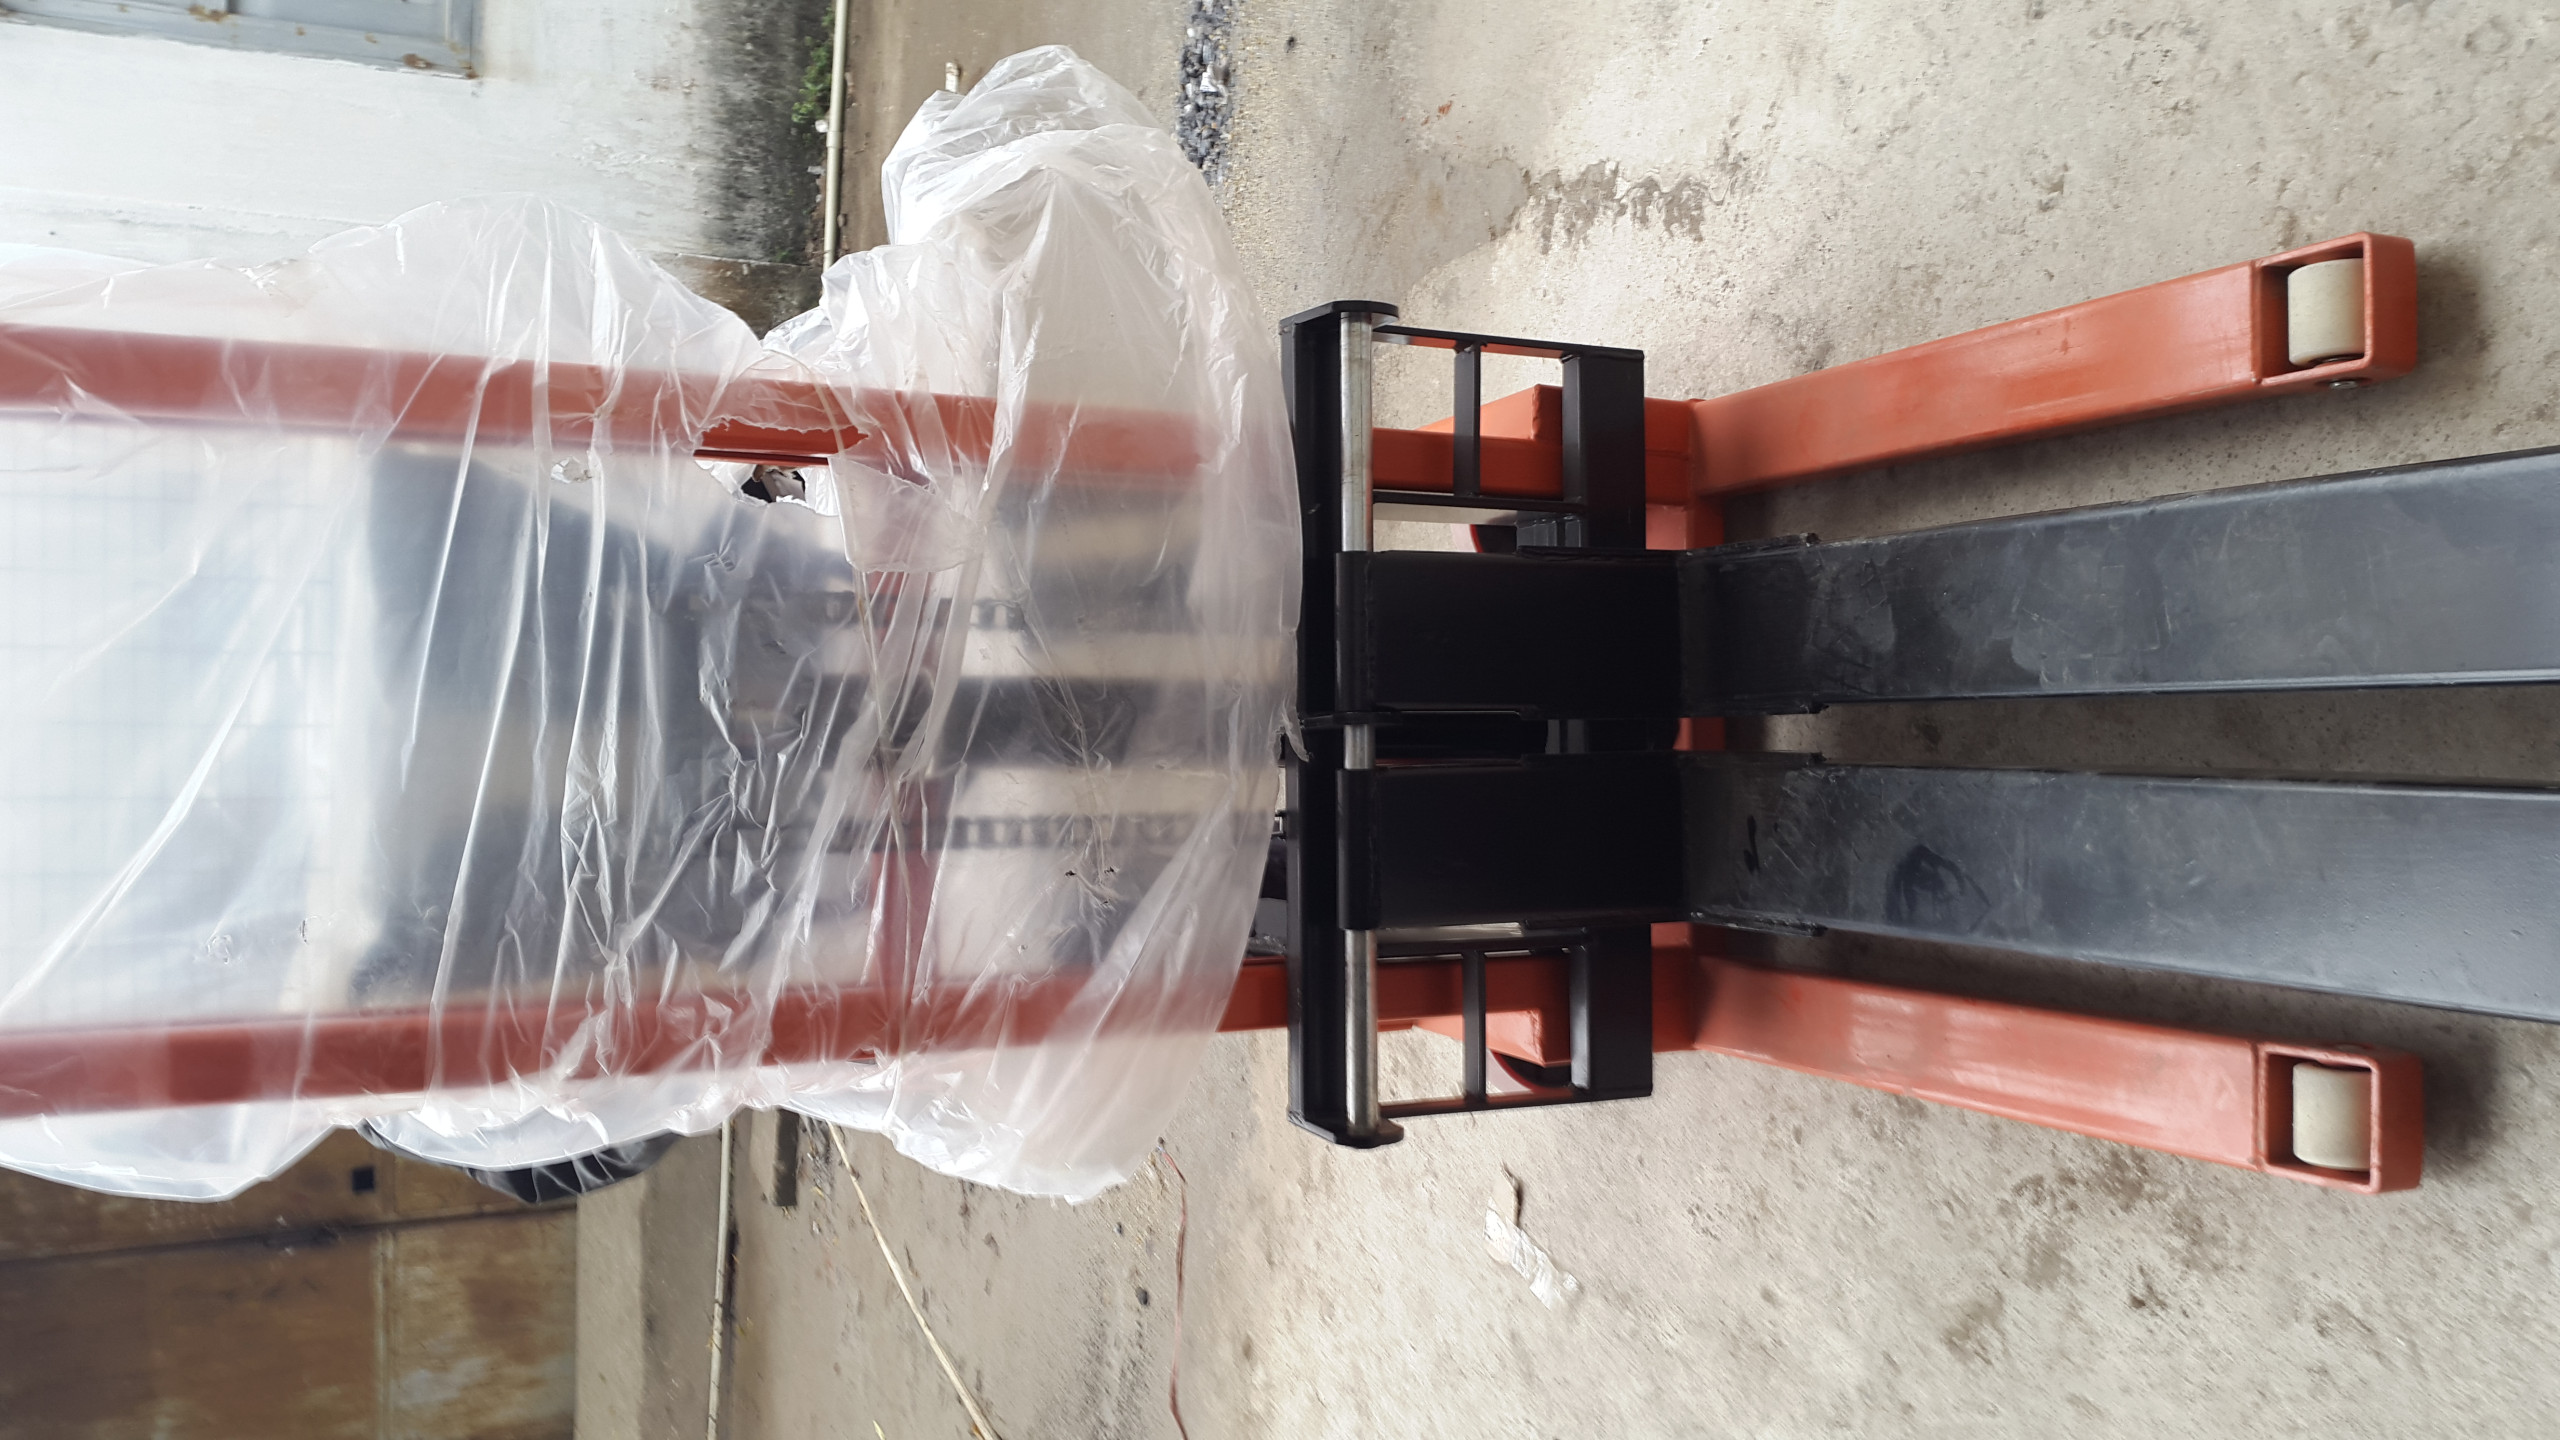 Xe nâng tay cao 1 tấn đến 3 tấn chính hãng giá tốt LH 0988 081 327